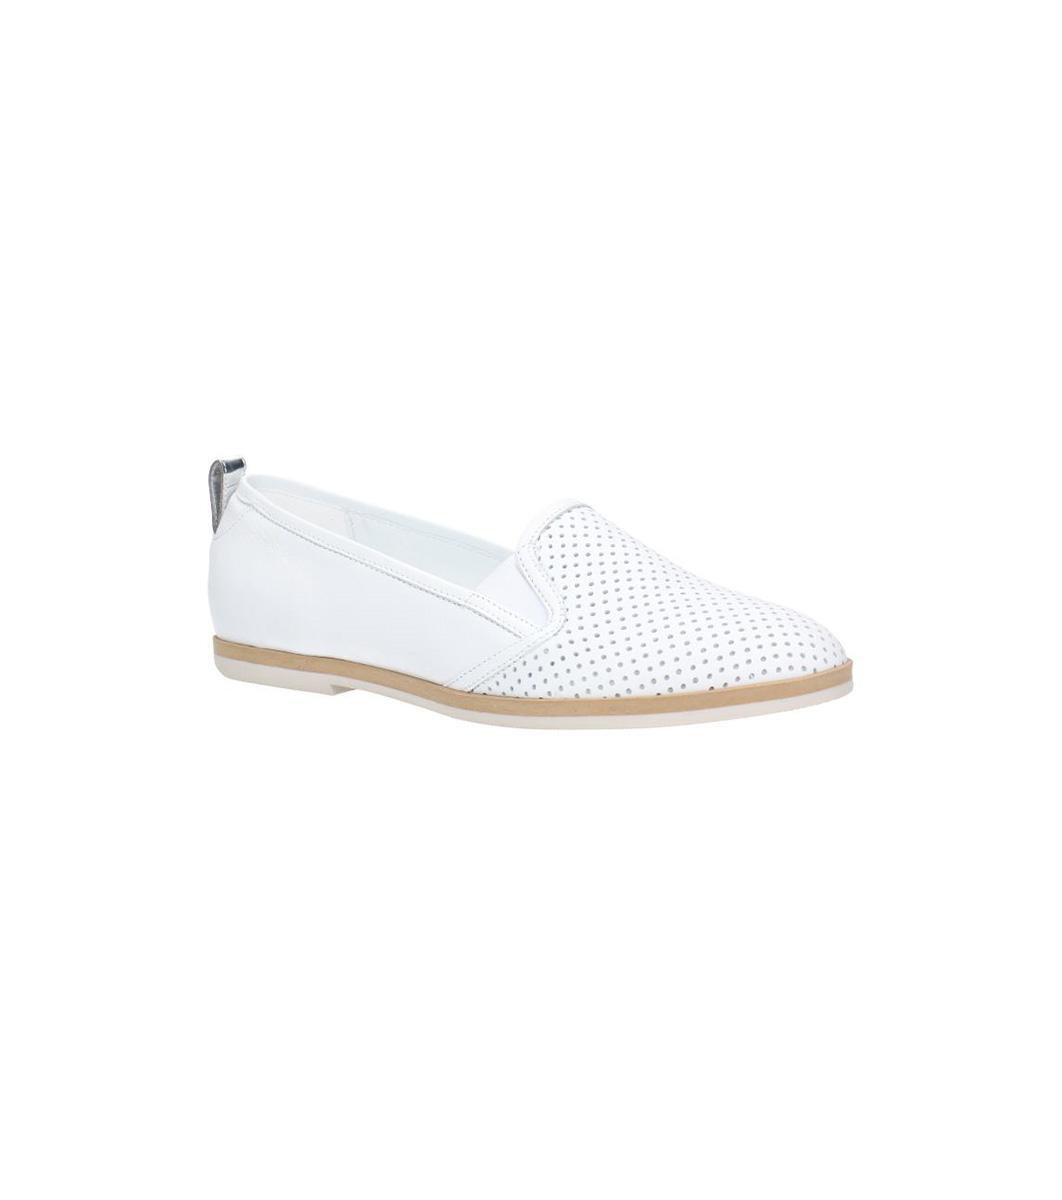 157de09ff45 Бели дамски обувки от естествен кожа с перфорации Seva - 2369859 ...